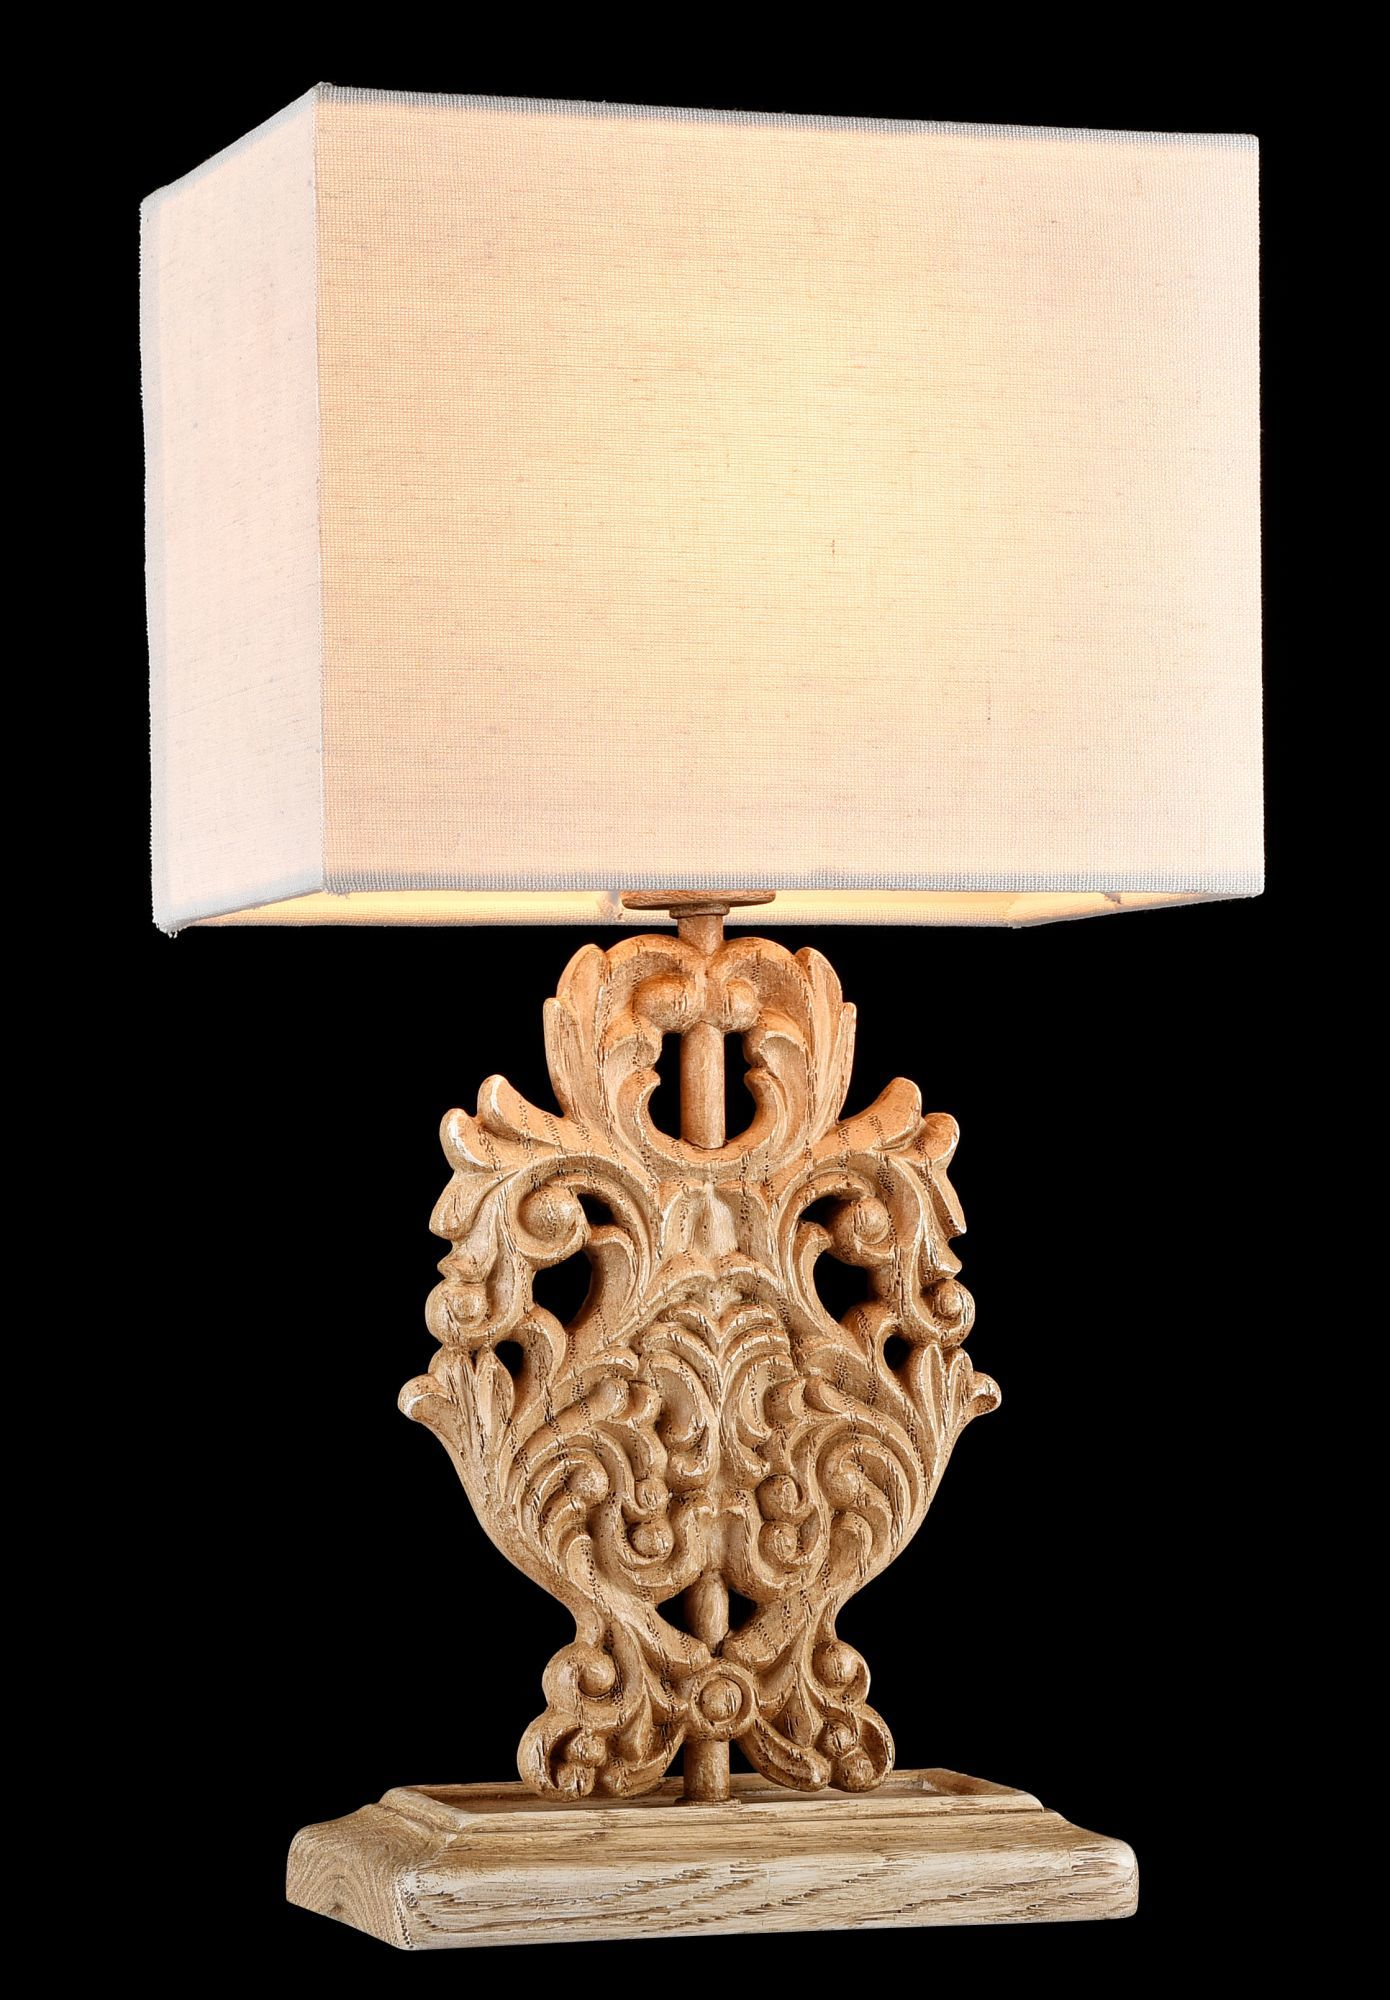 Настольная лампа Maytoni Cipresso H034-TL-01-R (ARM034-11-R), 1xE14x40W, бежевый, пластик, текстиль - фото 5